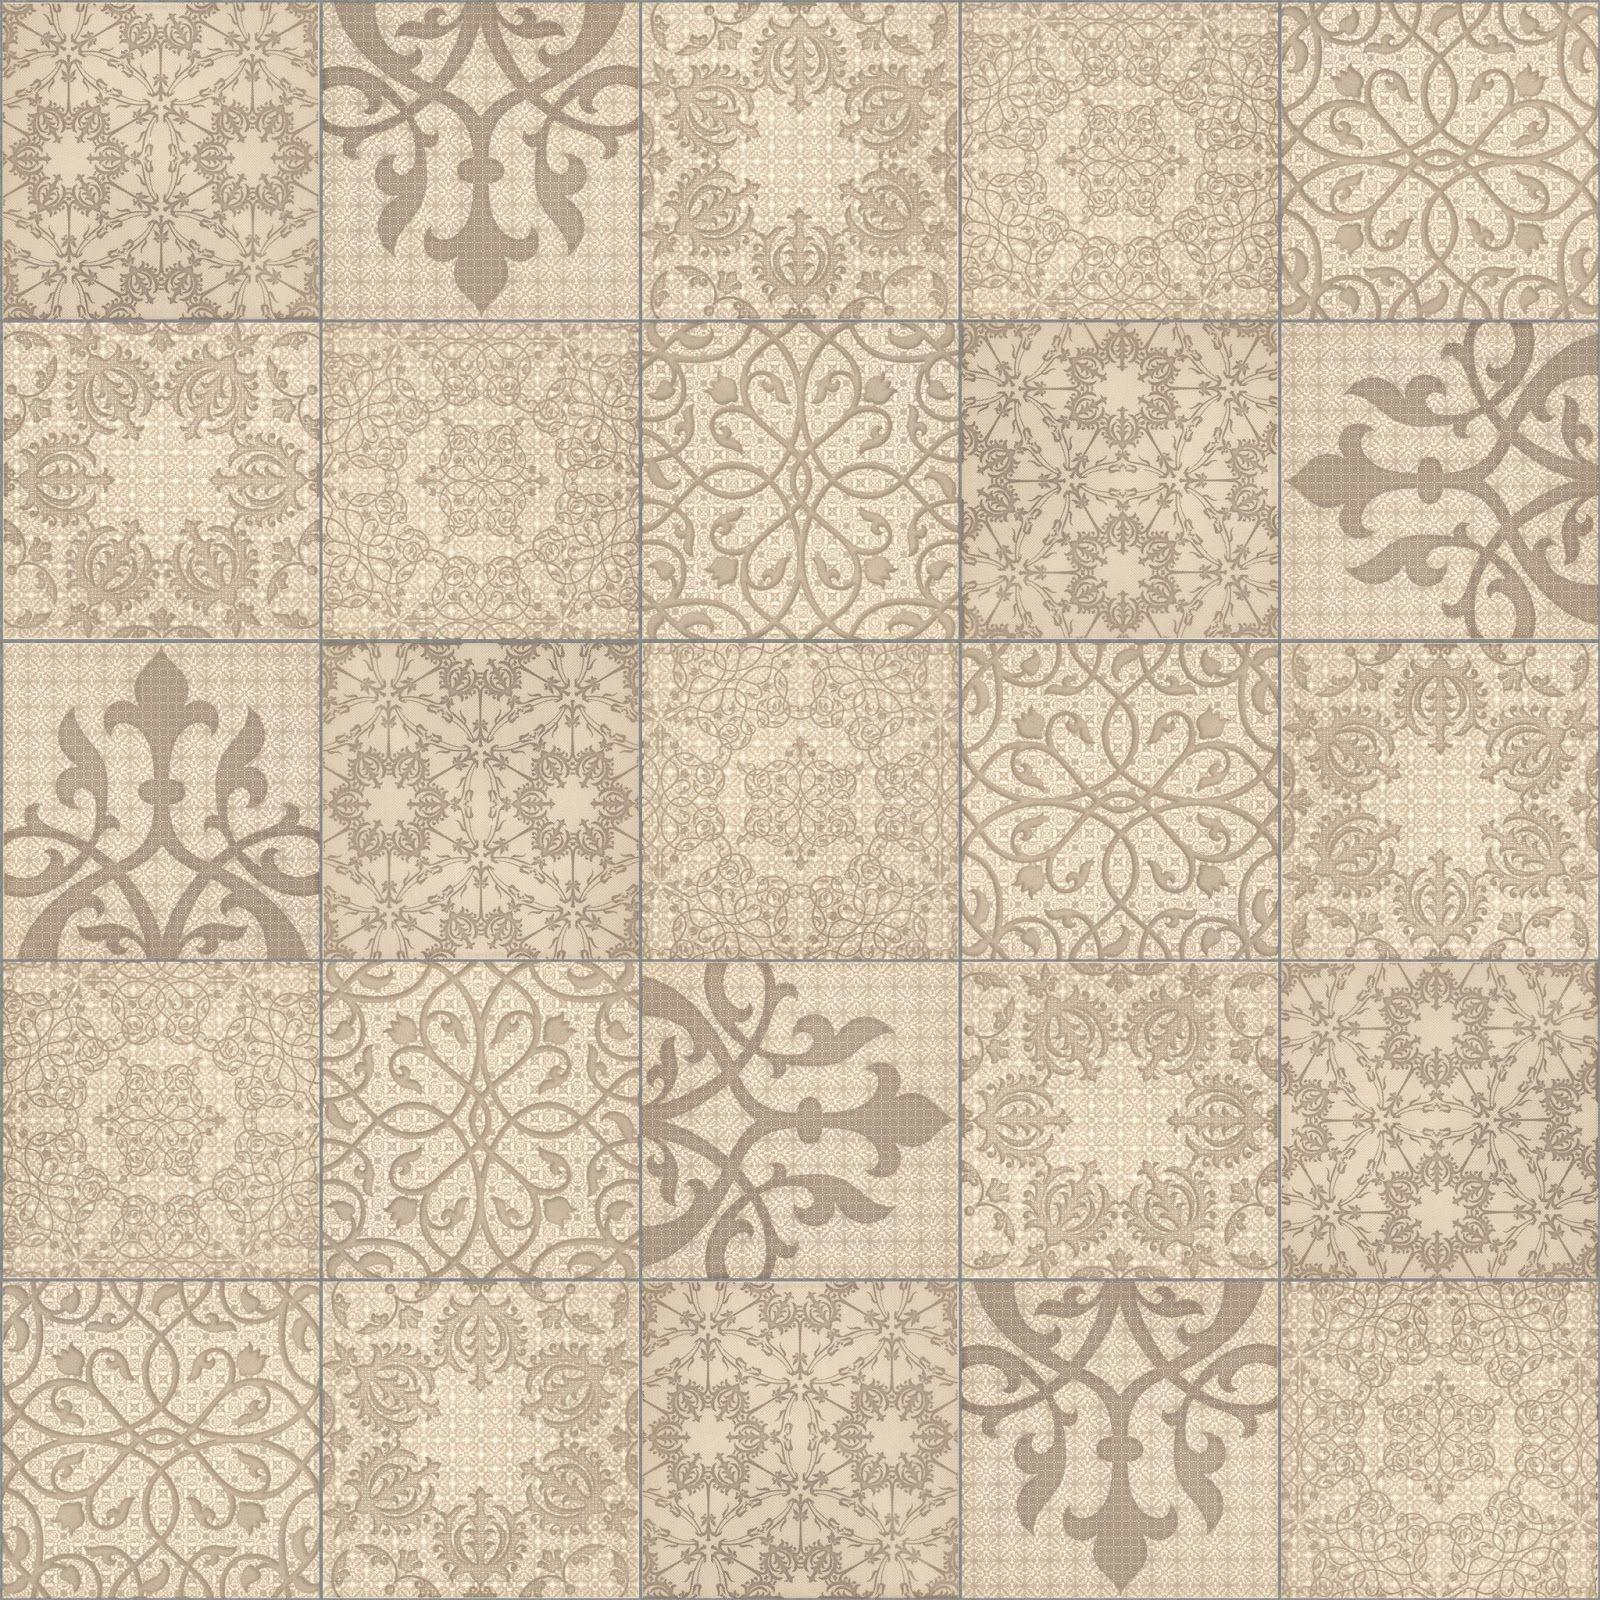 Ceramic Tiles Texture Design Ideas 14444 Floor Ideas Design